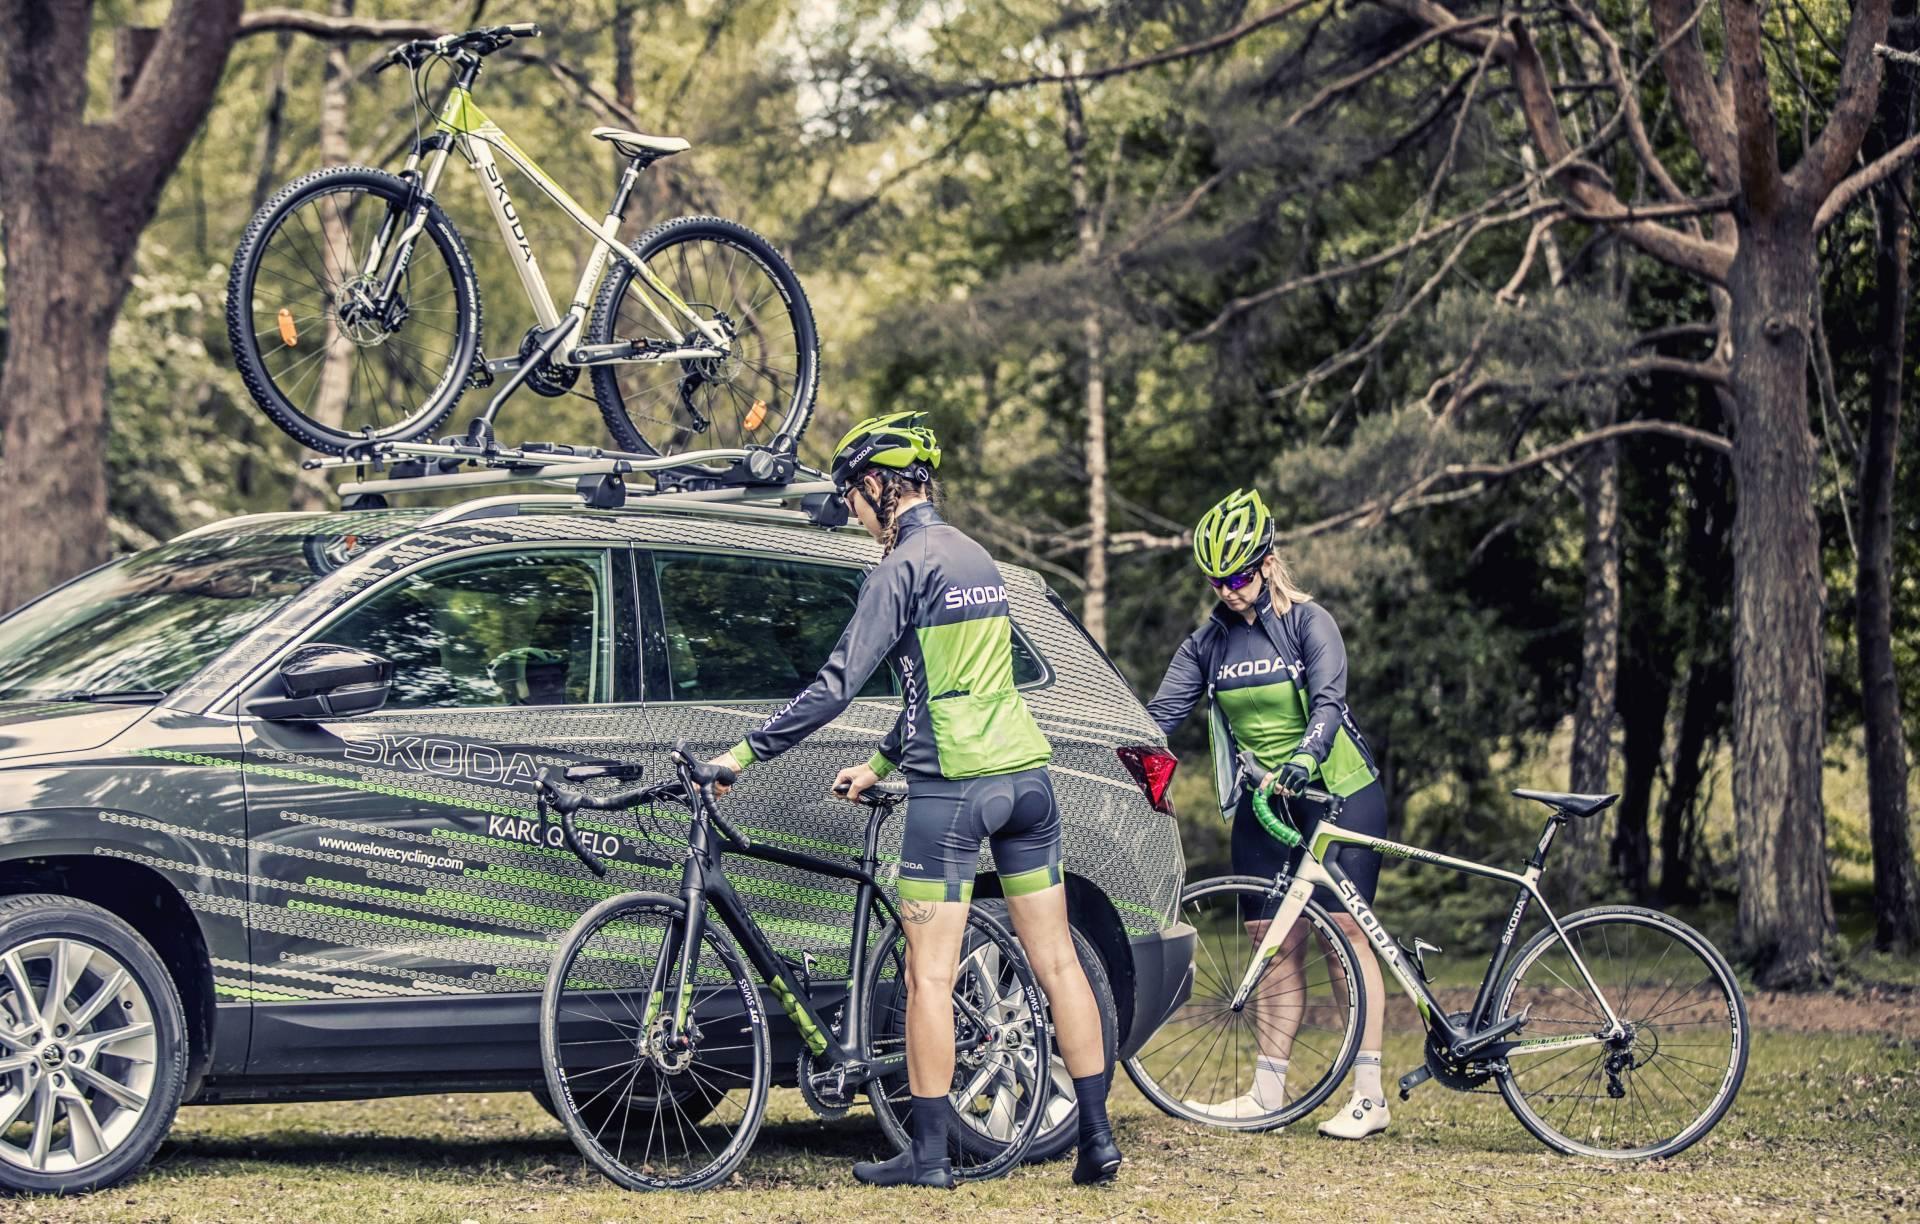 Skoda Karoq Bicicleta Dm 5